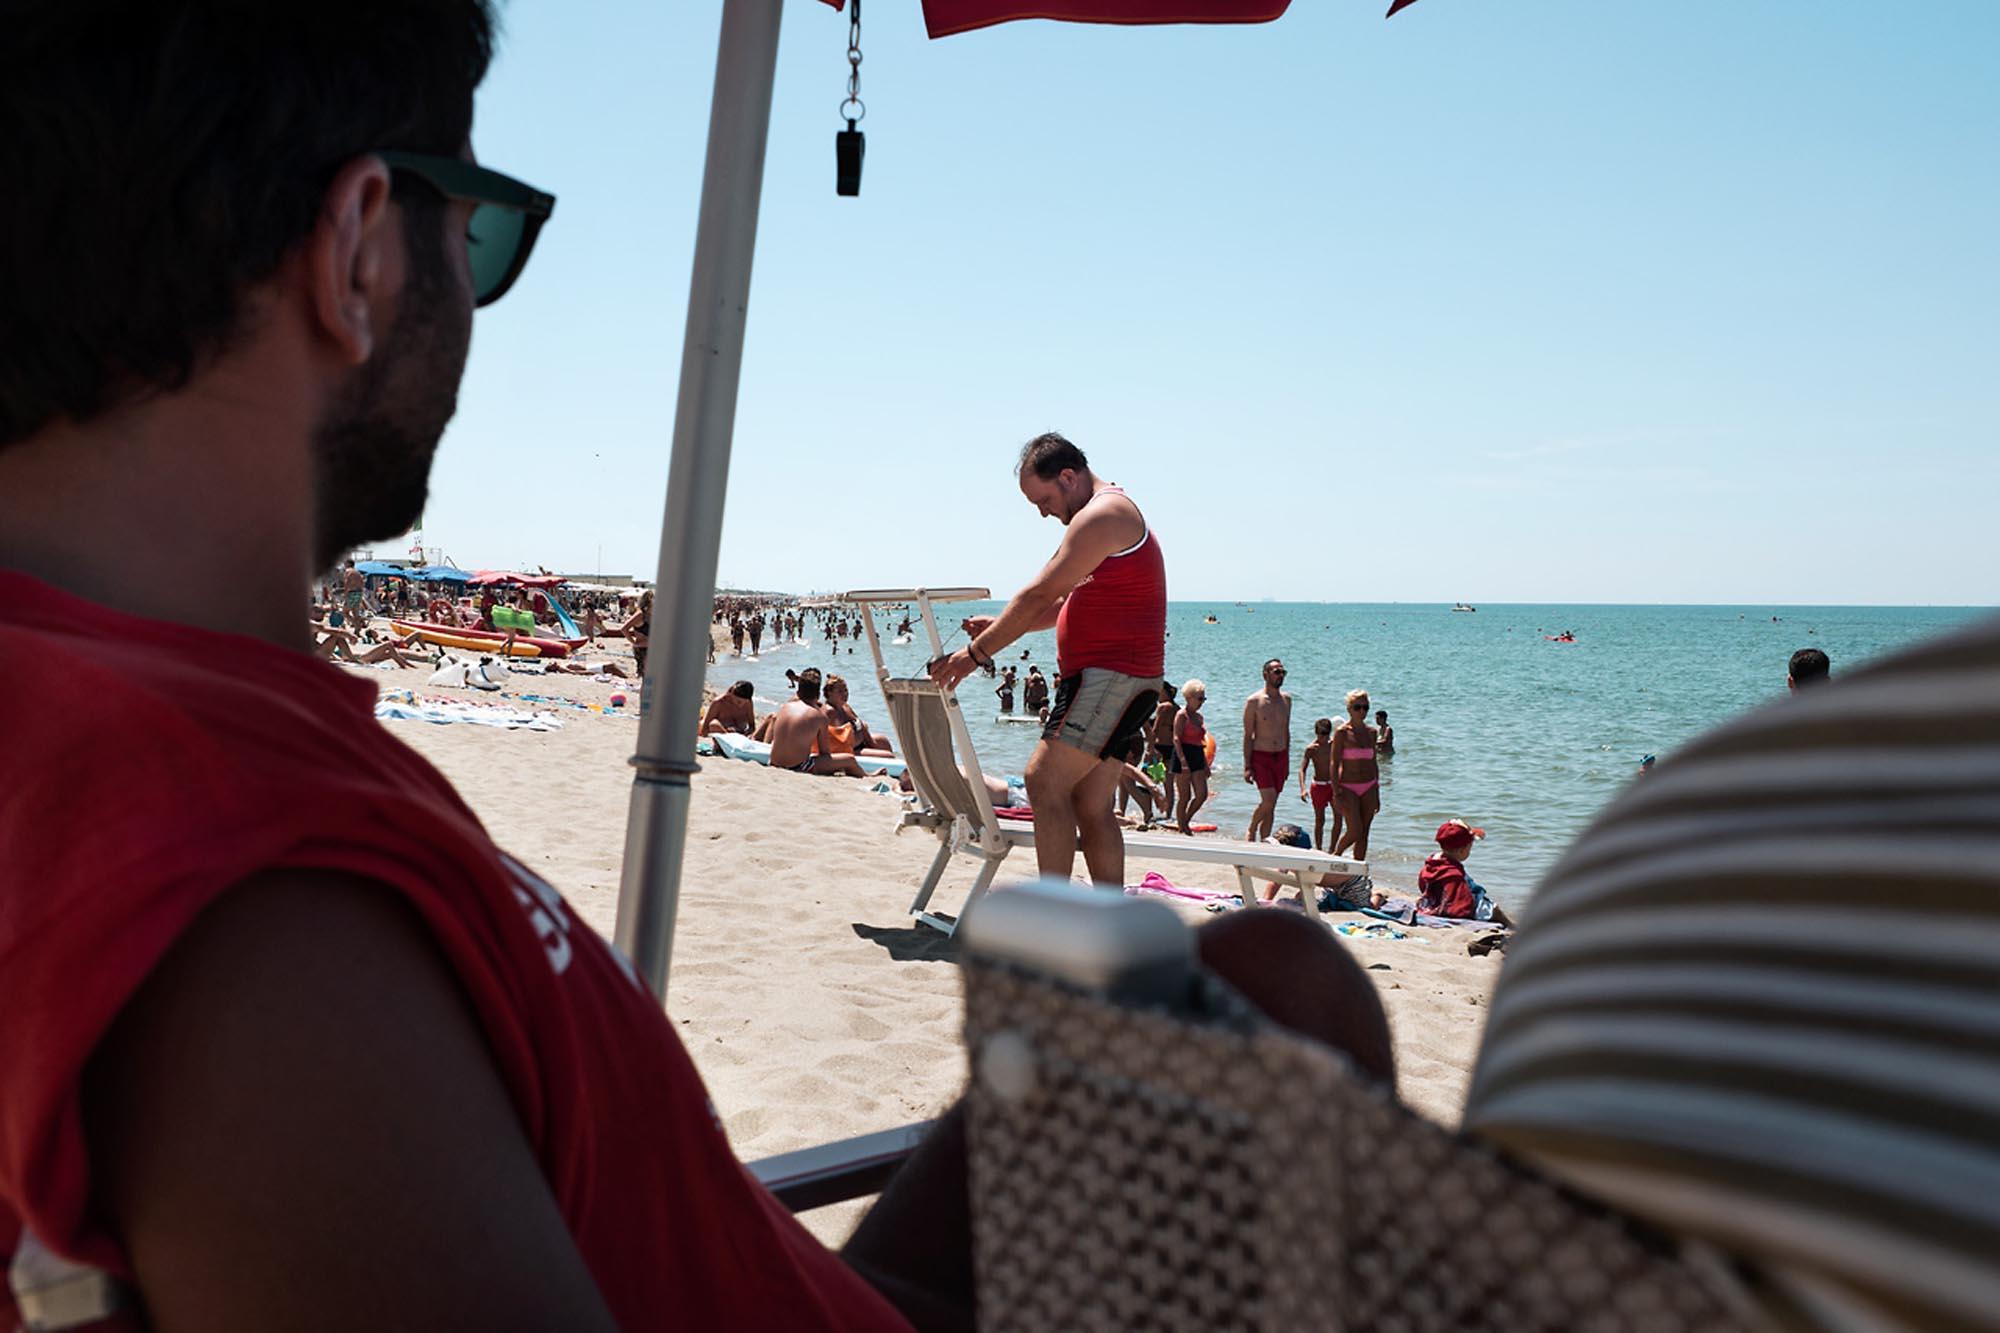 0037 Assistente bagnanti in spiaggia - Storie di volontariato toscano